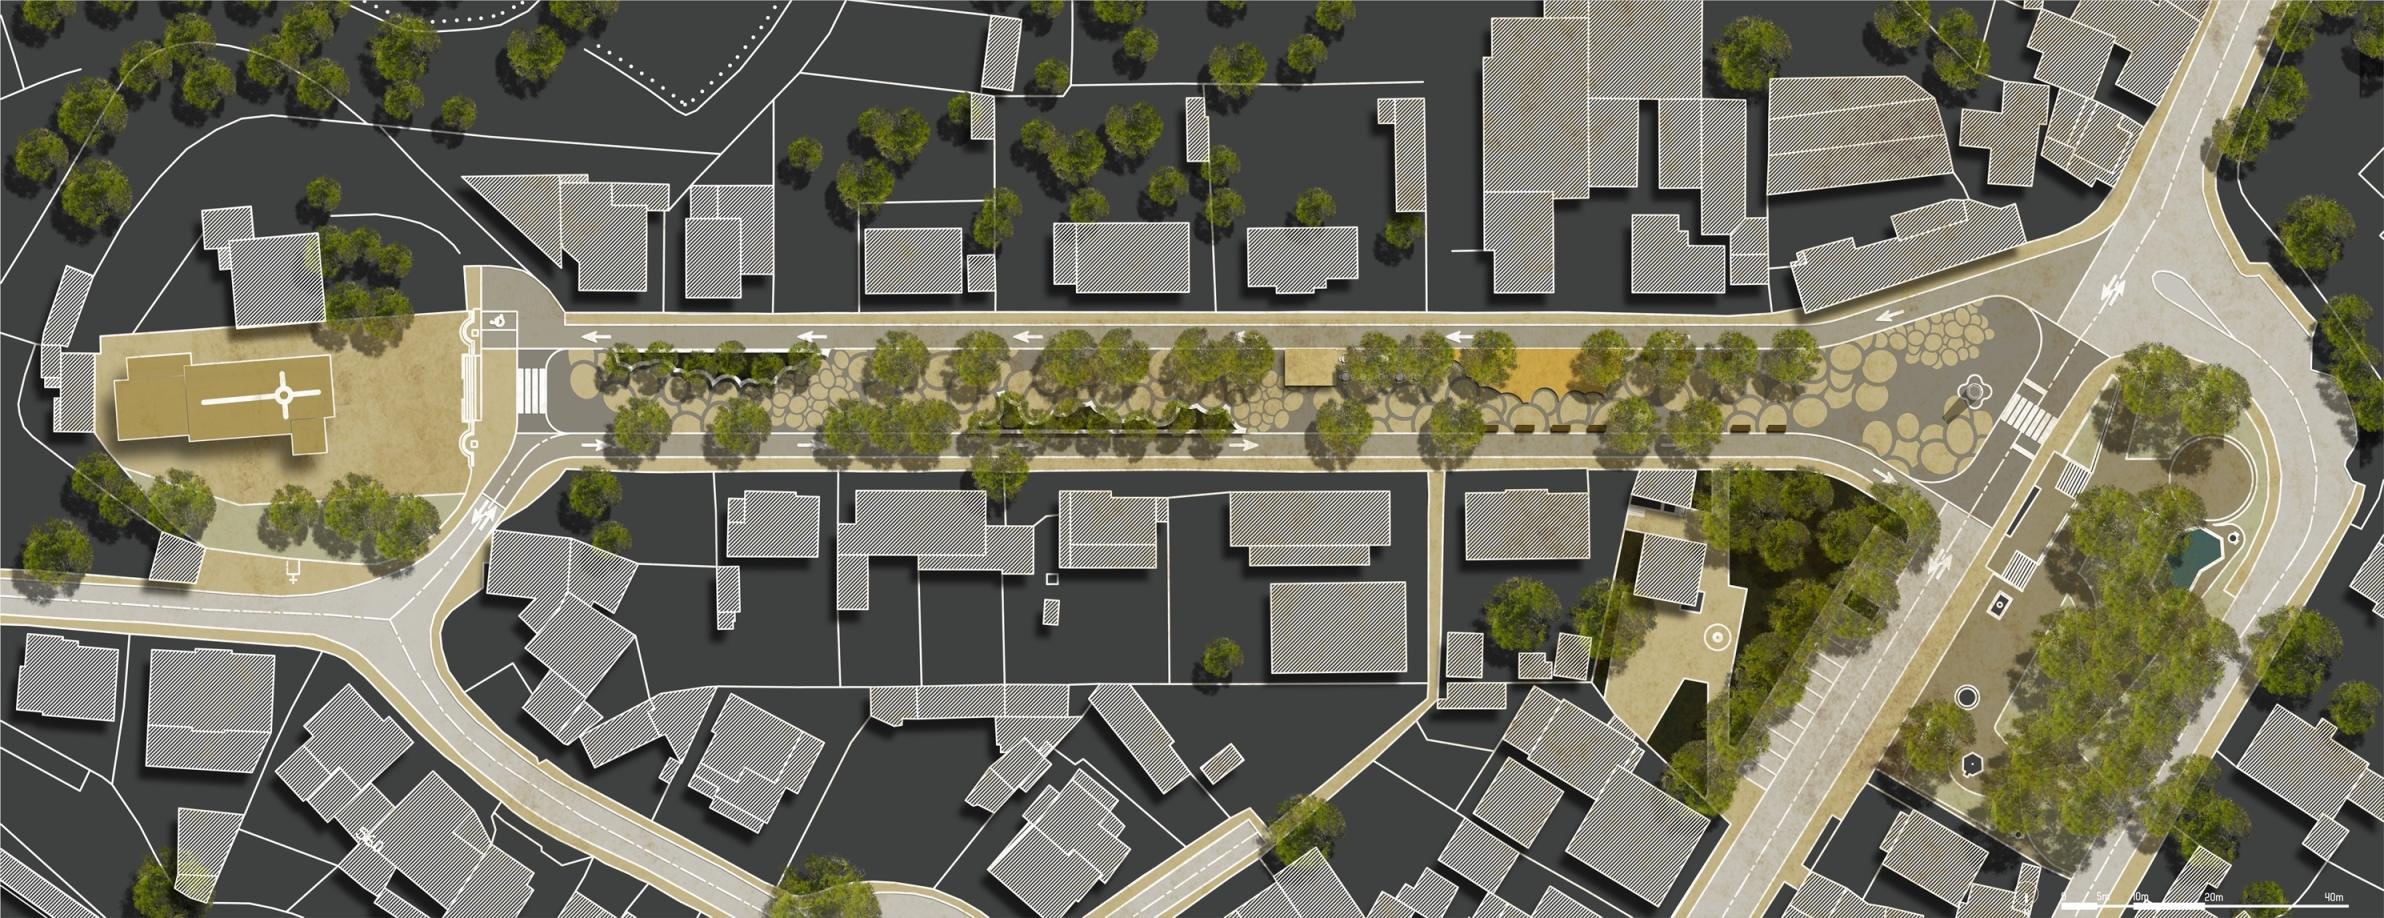 Avenida 25 de Abril avenue Sérgio Pinto Arquitetura Paisagista e Desenho Urbano Landscape Architecture & Urban Design